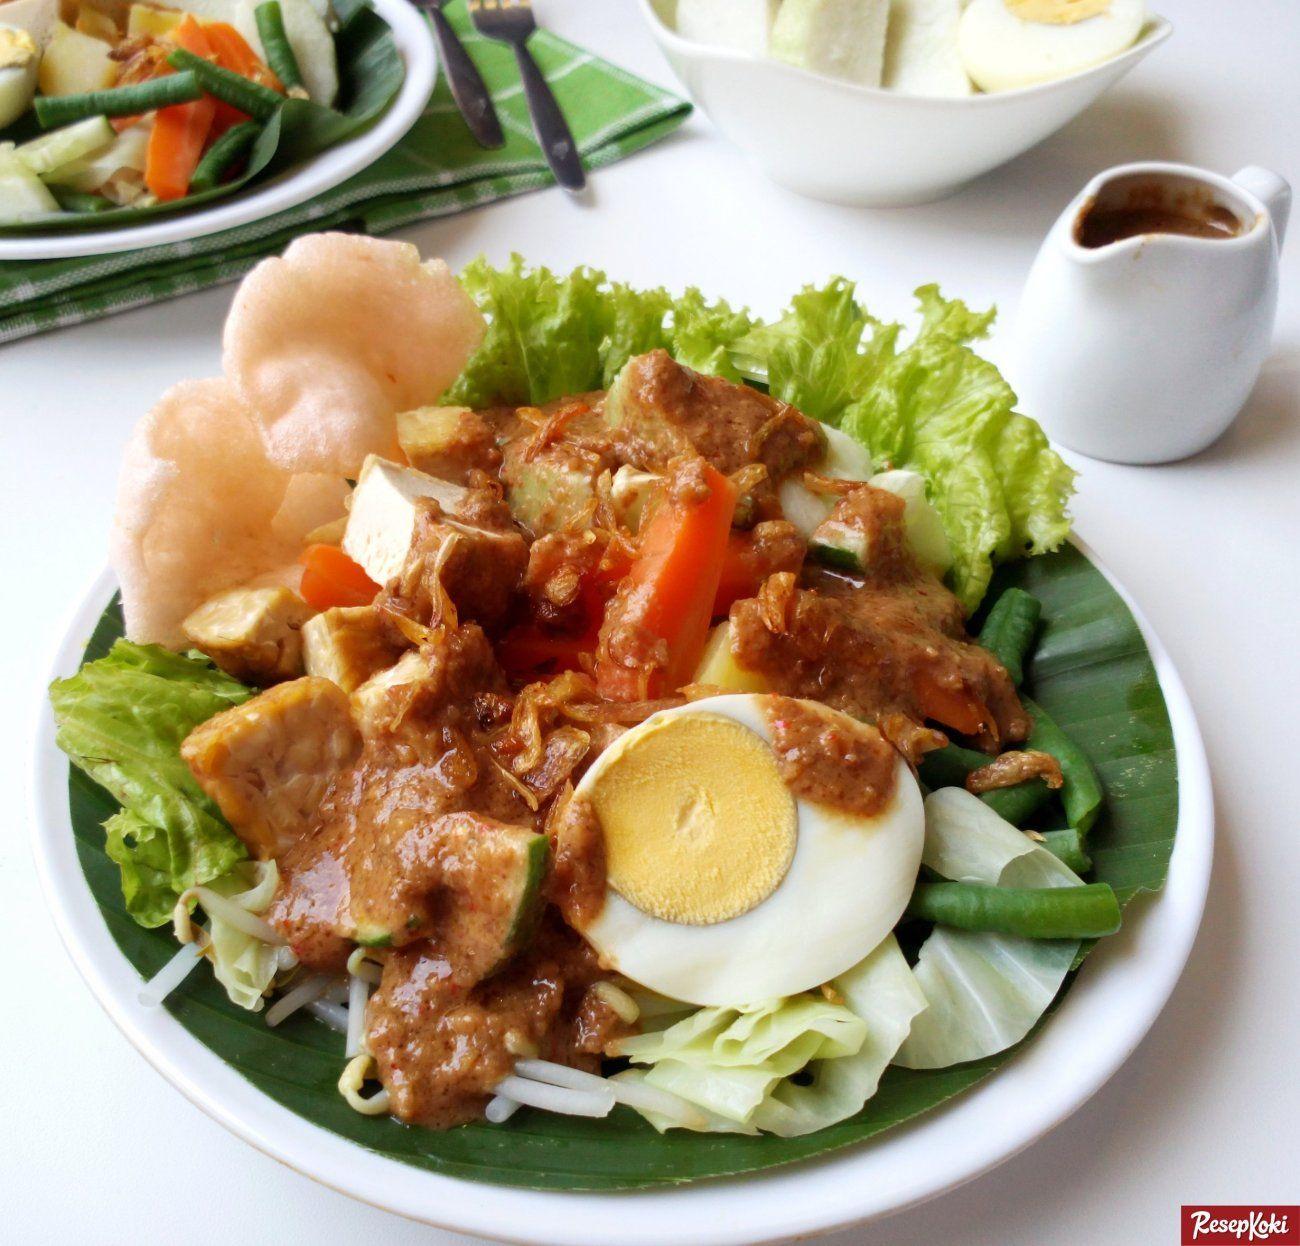 Gado Gado Betawi Lengkap Spesial Resep Resepkoki Resep Masakan Resep Masakan Resep